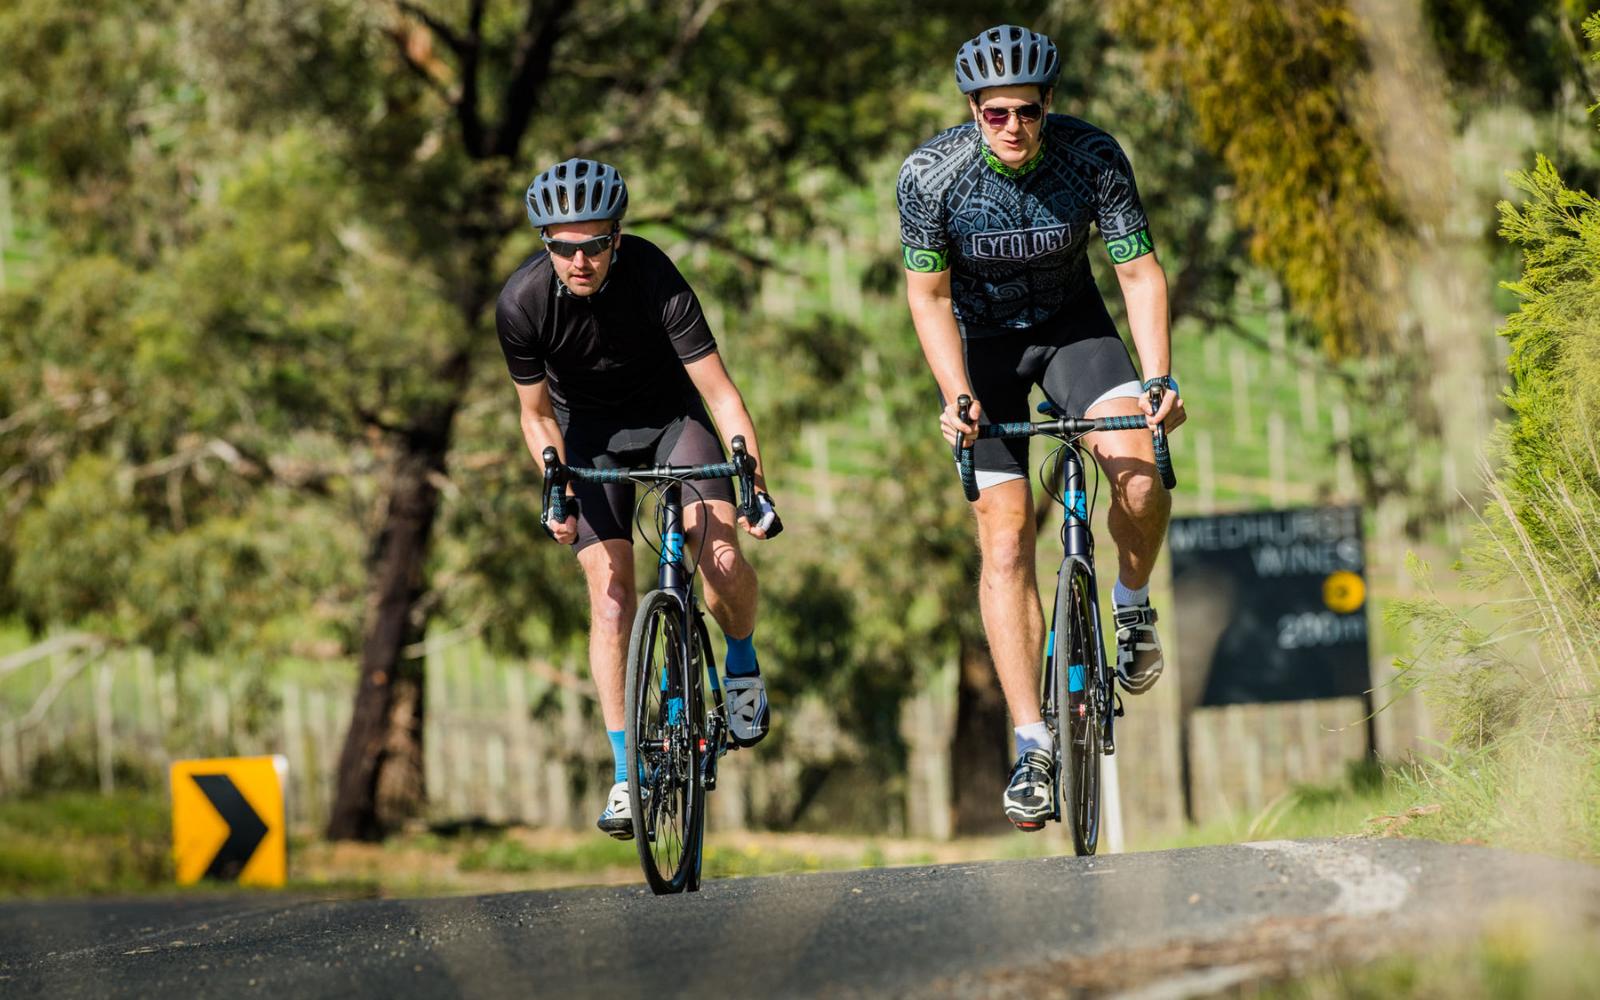 73 1 - Reid ® - Vantage Endurance 2.0 Bike